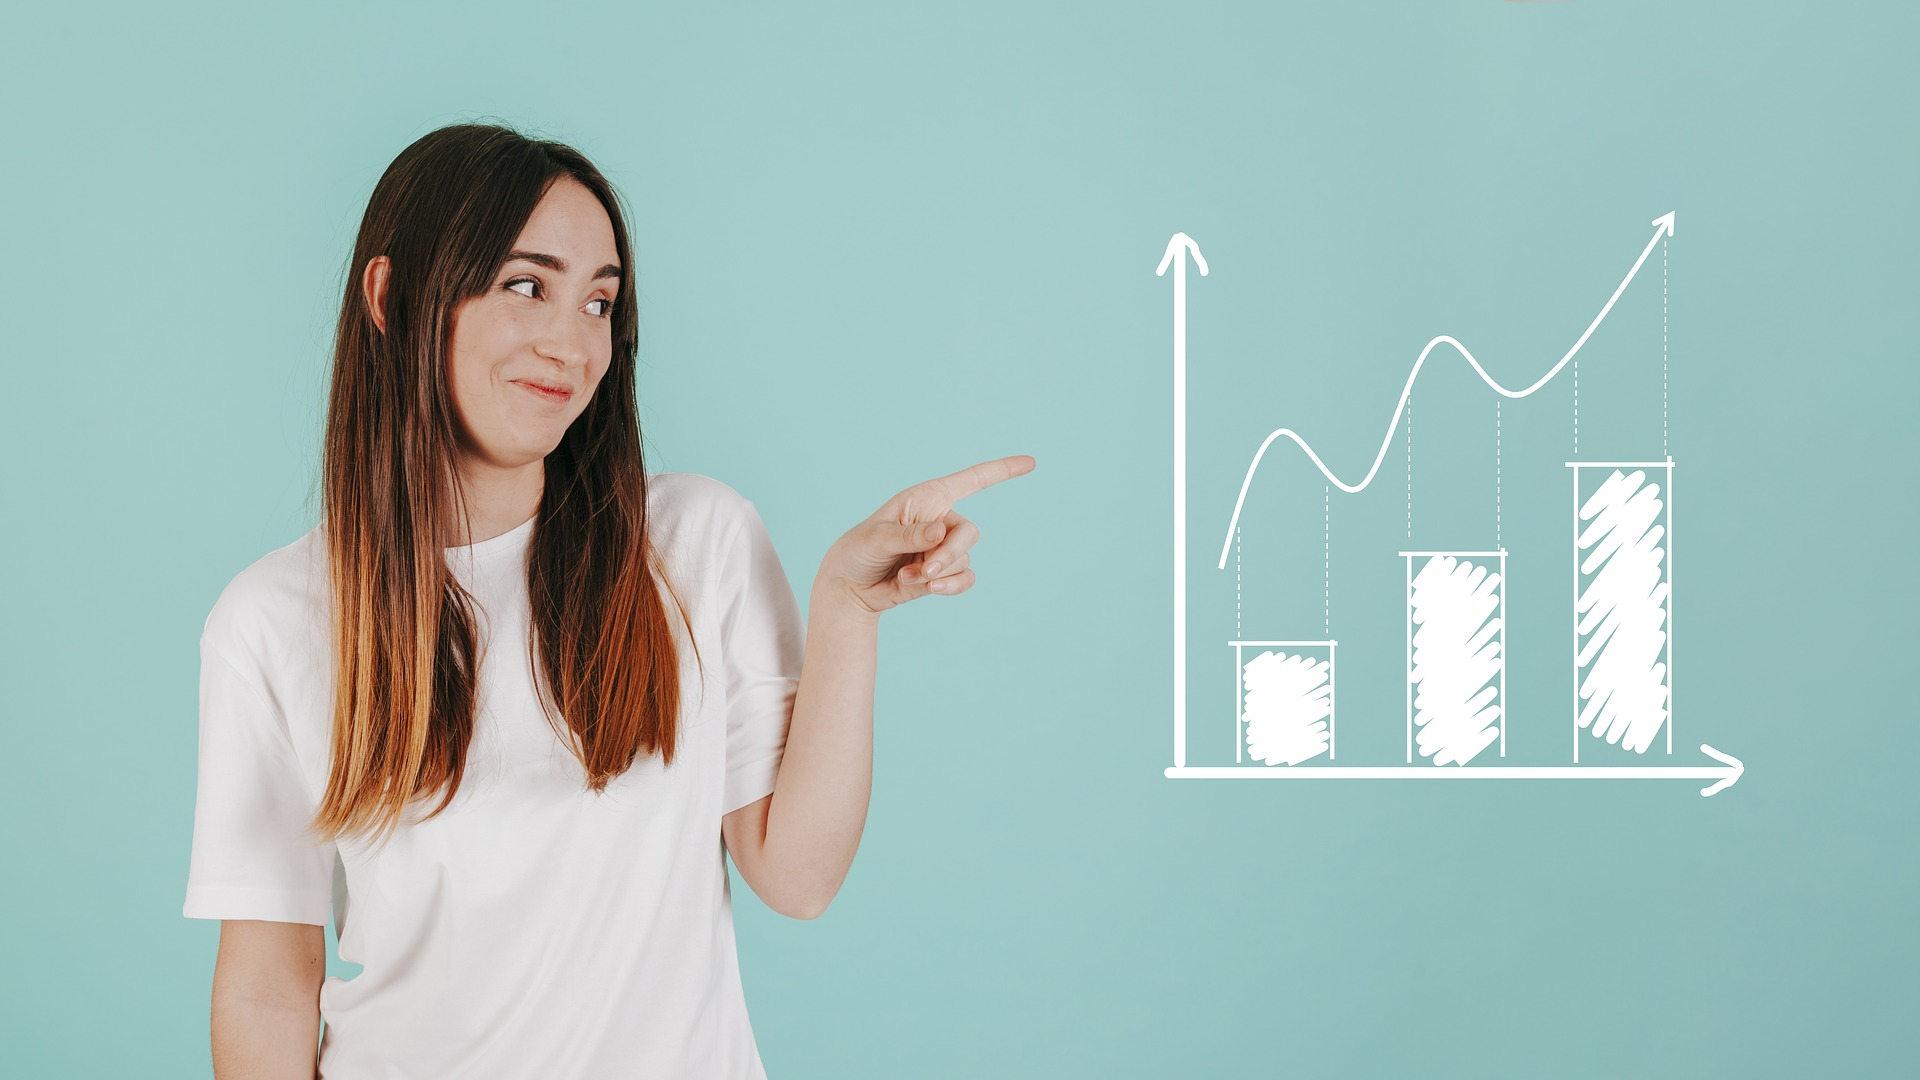 Djevojka prstom pokazuje prema grafikonu uspjeha